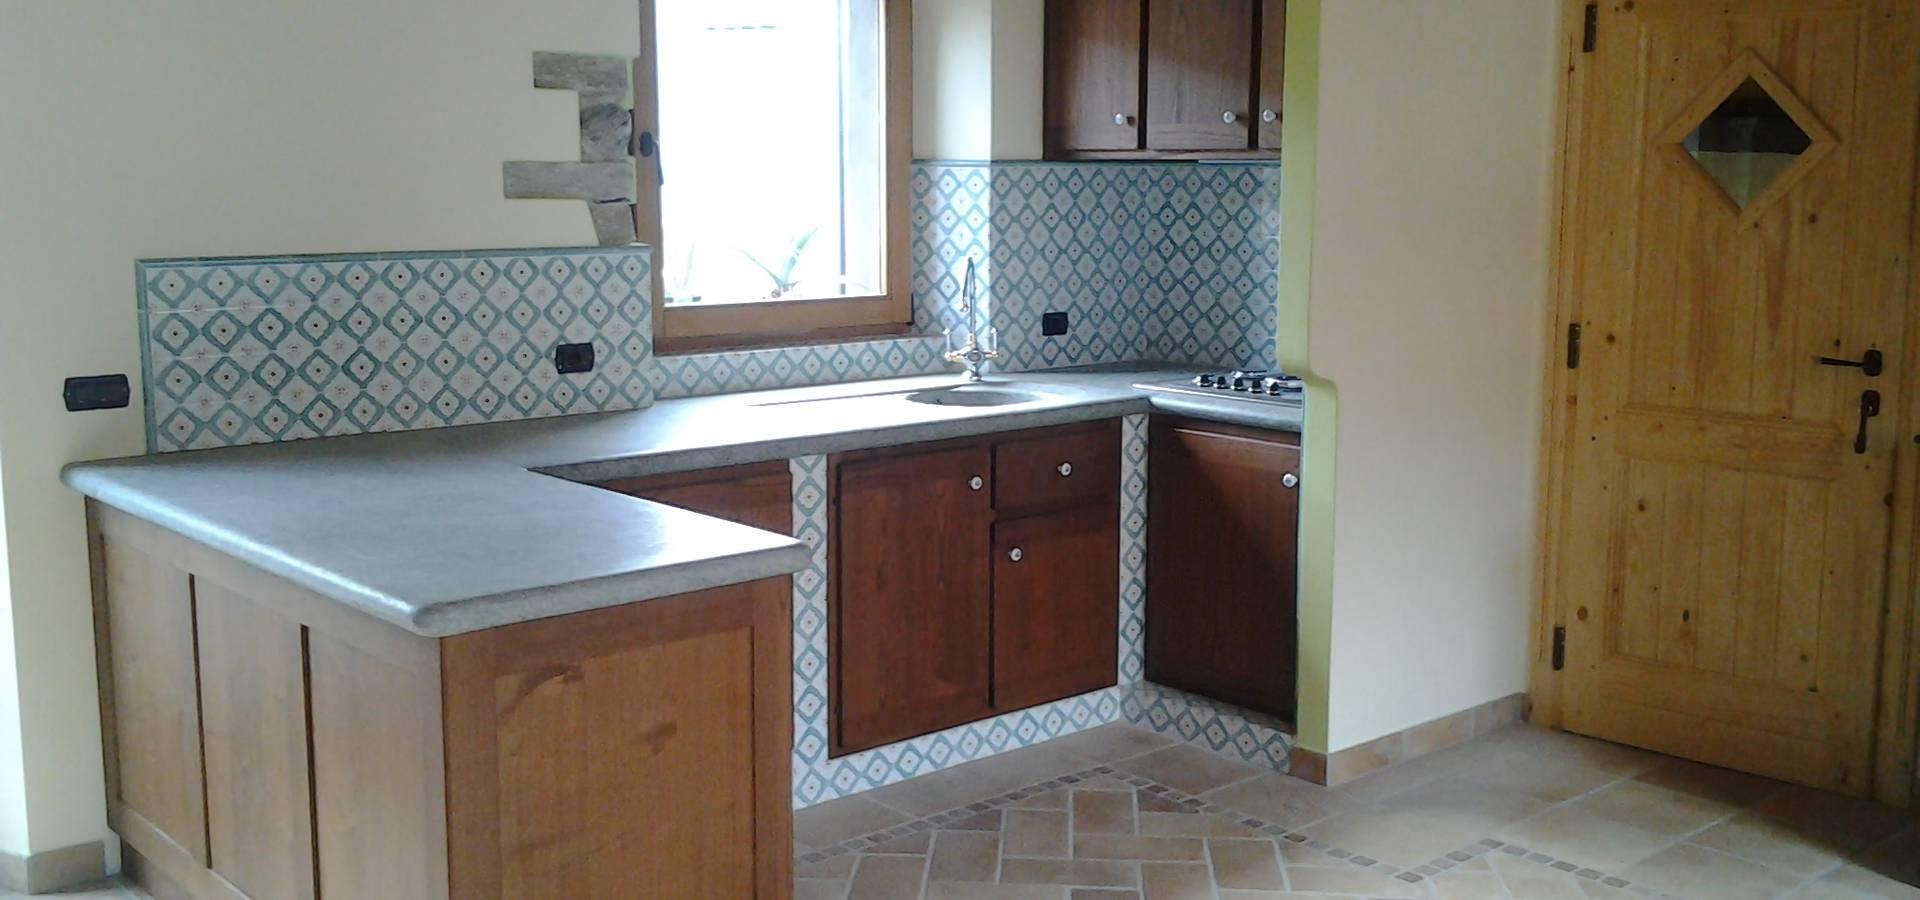 Cucina in castagno in muratura di Artelegno Snc | homify